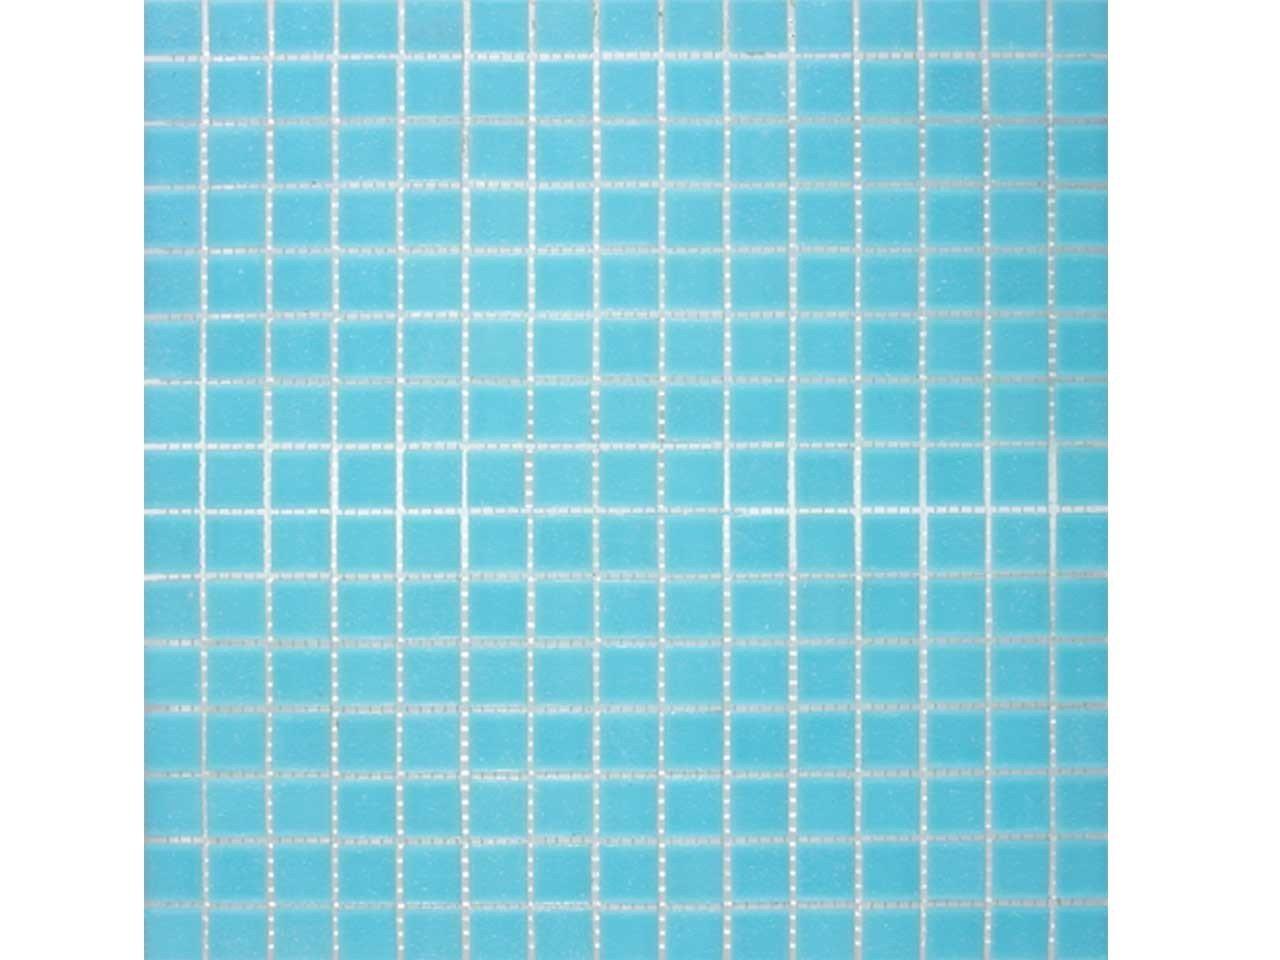 mos vetro a03 azzurro